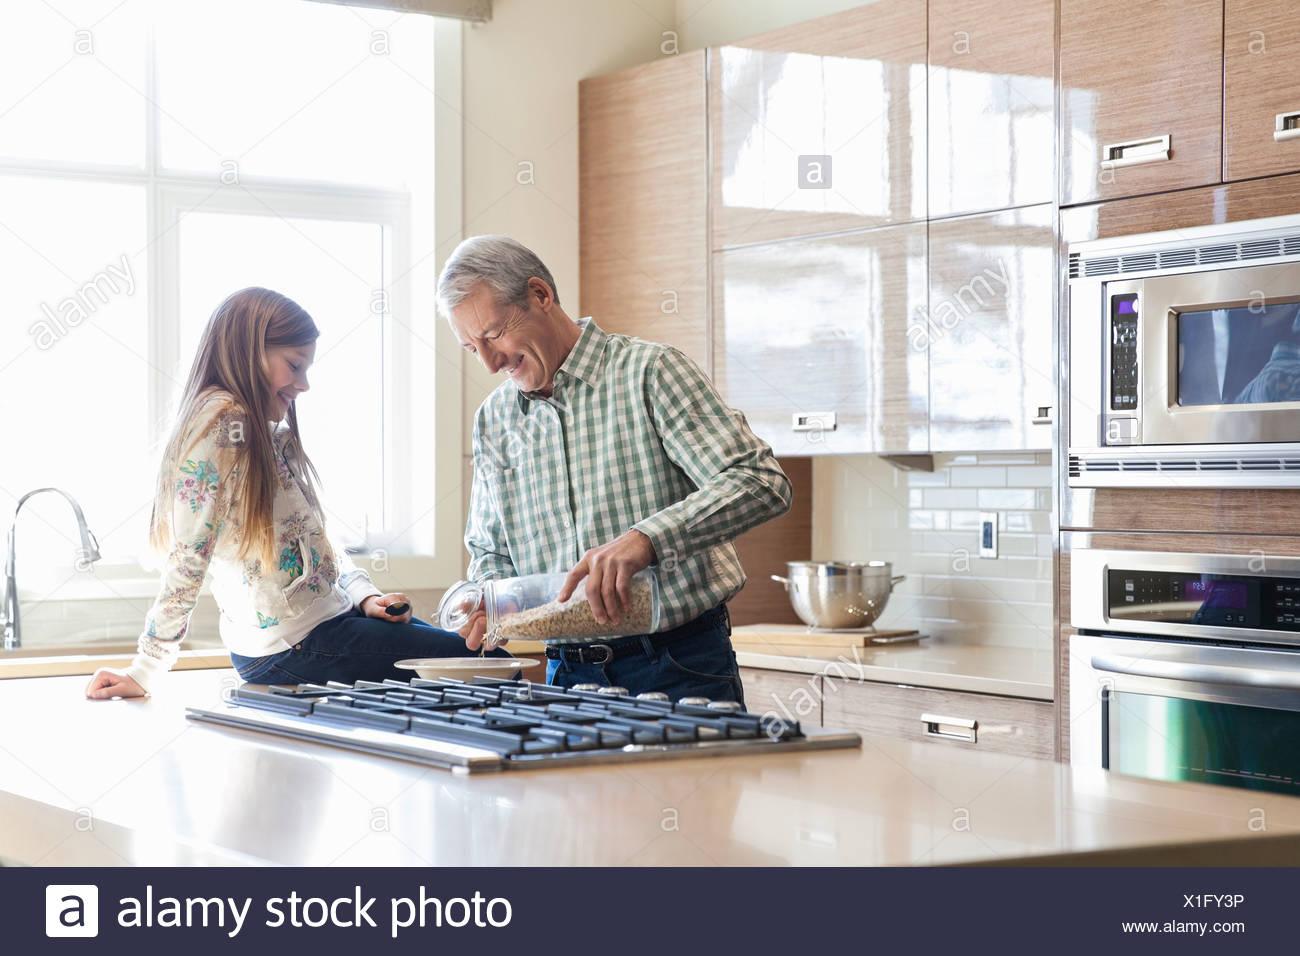 Nonno prepara la colazione per il nipote in cucina Immagini Stock